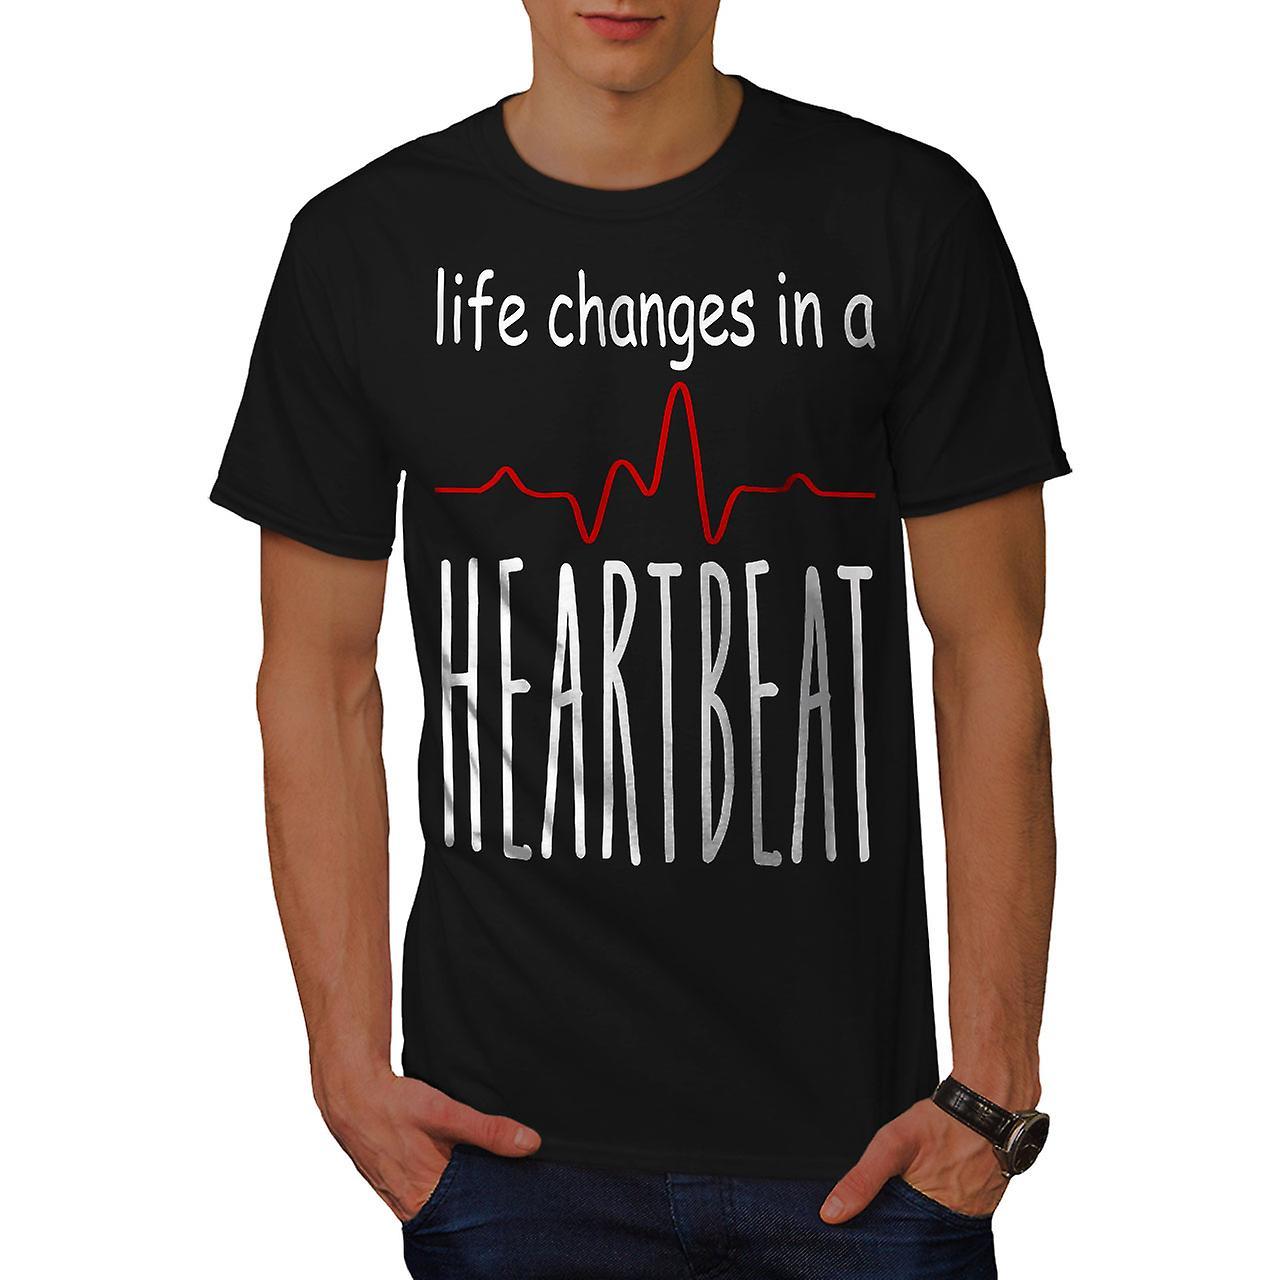 Leben Verandert Schnell Manner Blackt T Shirt Wellcoda Fruugo